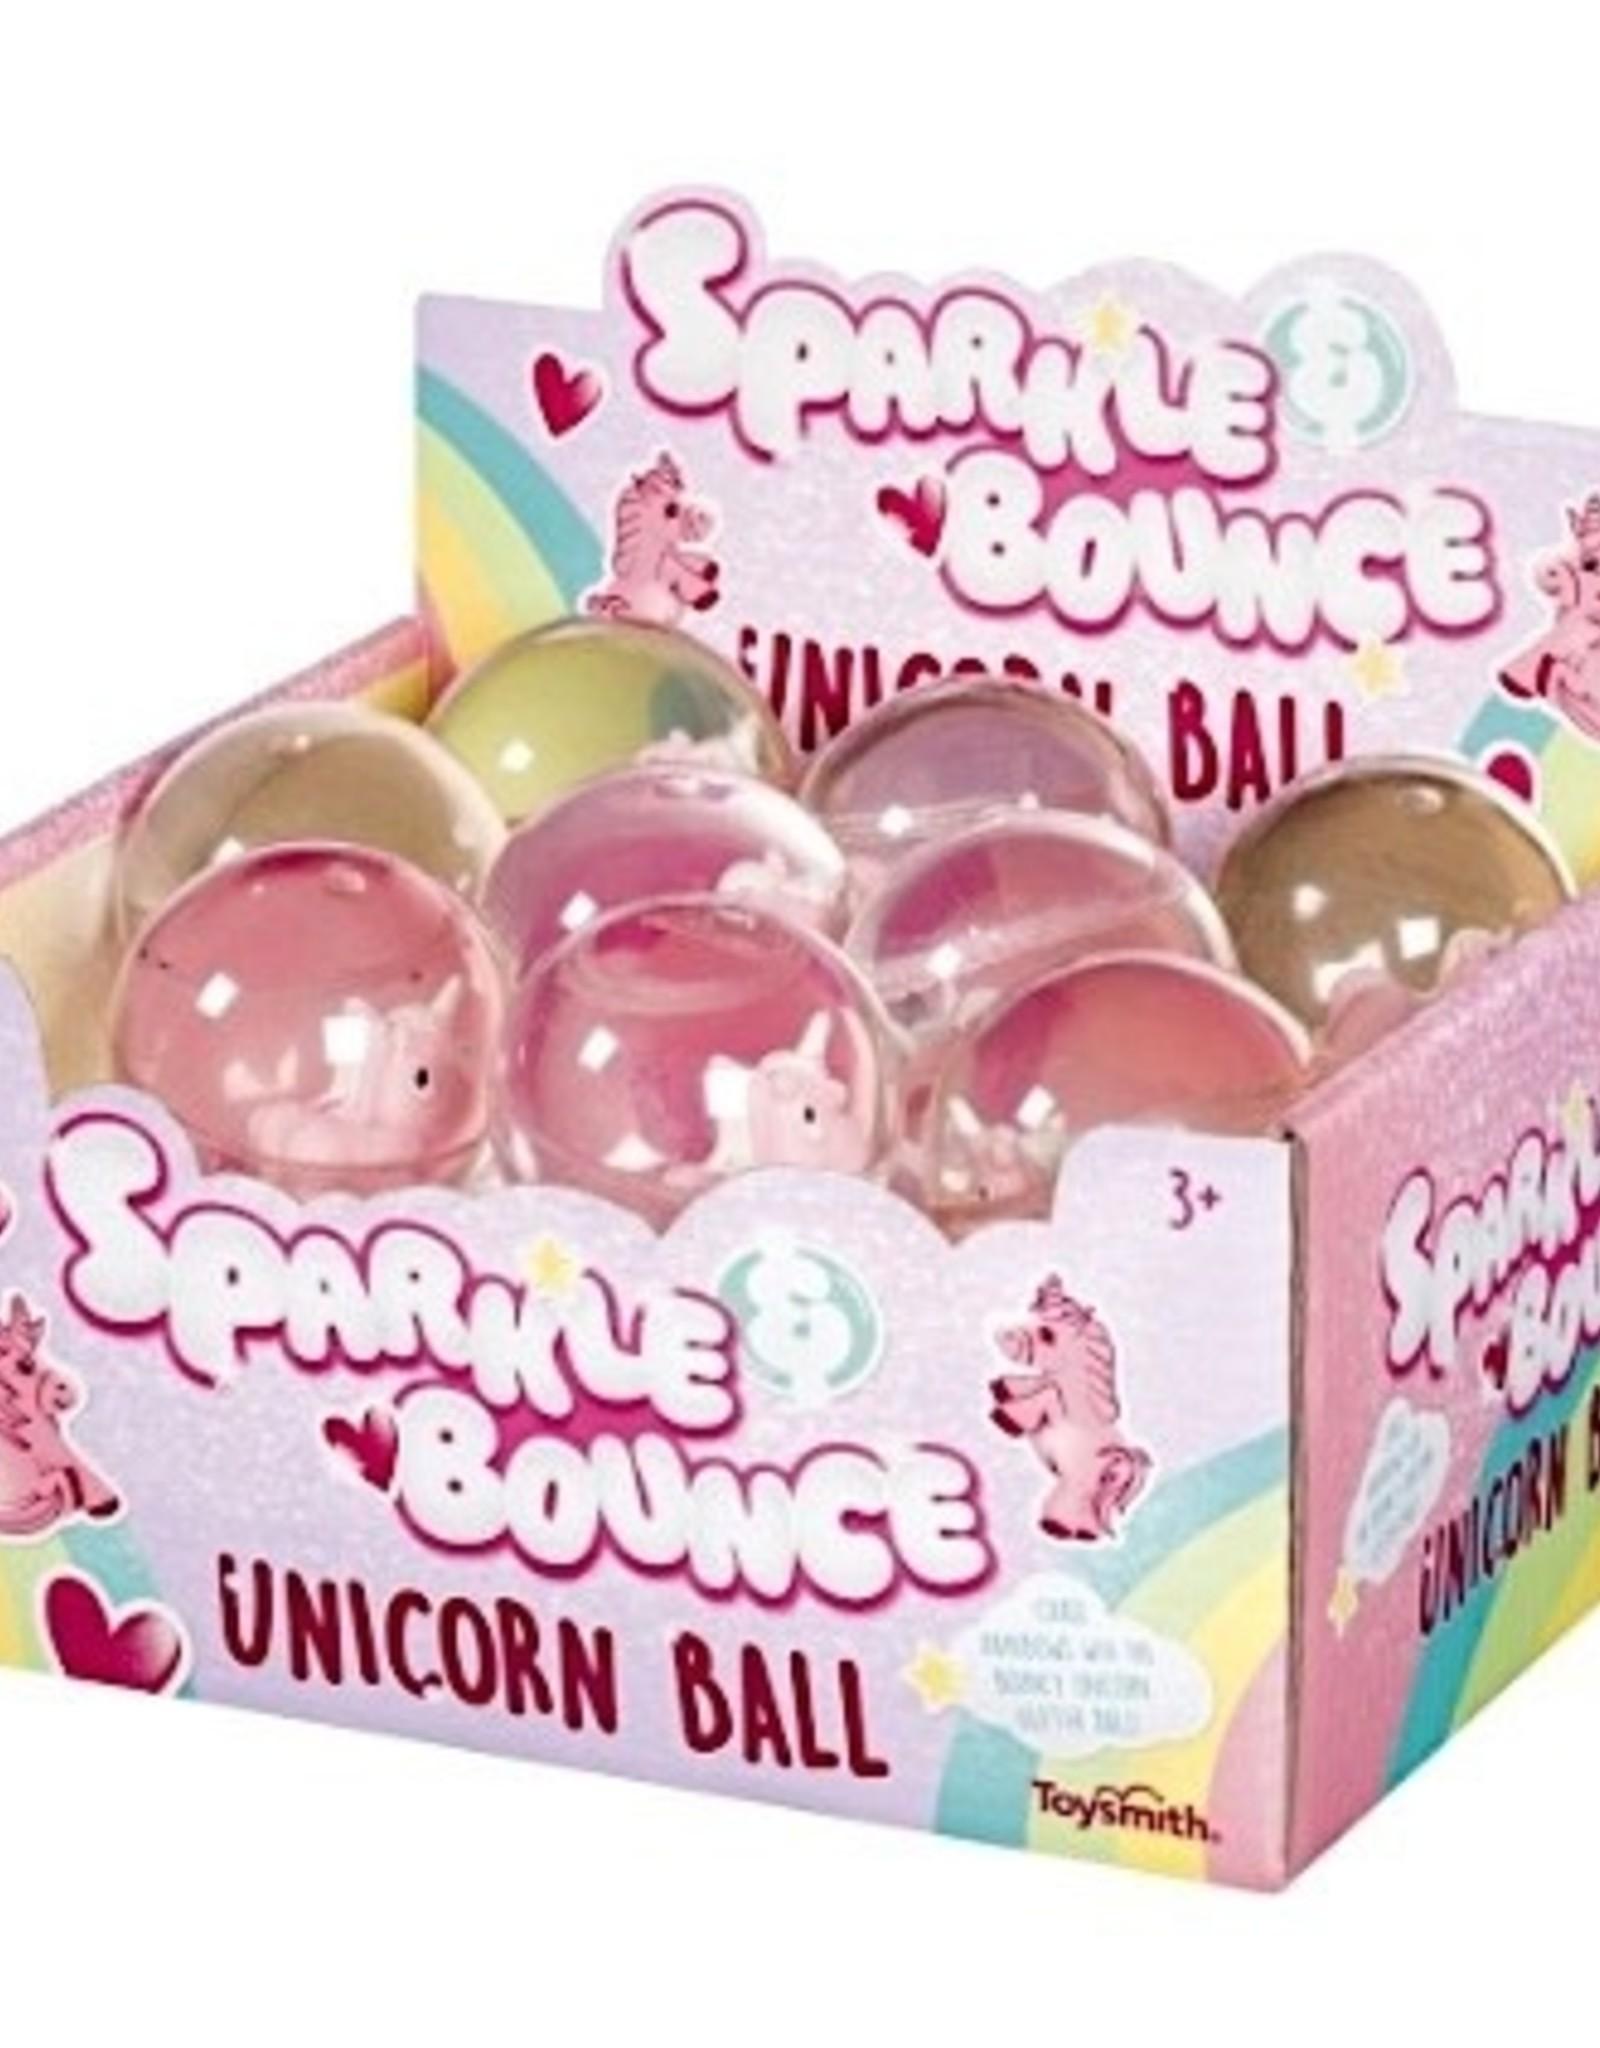 Sparkle & Bounce Unicorn Ball